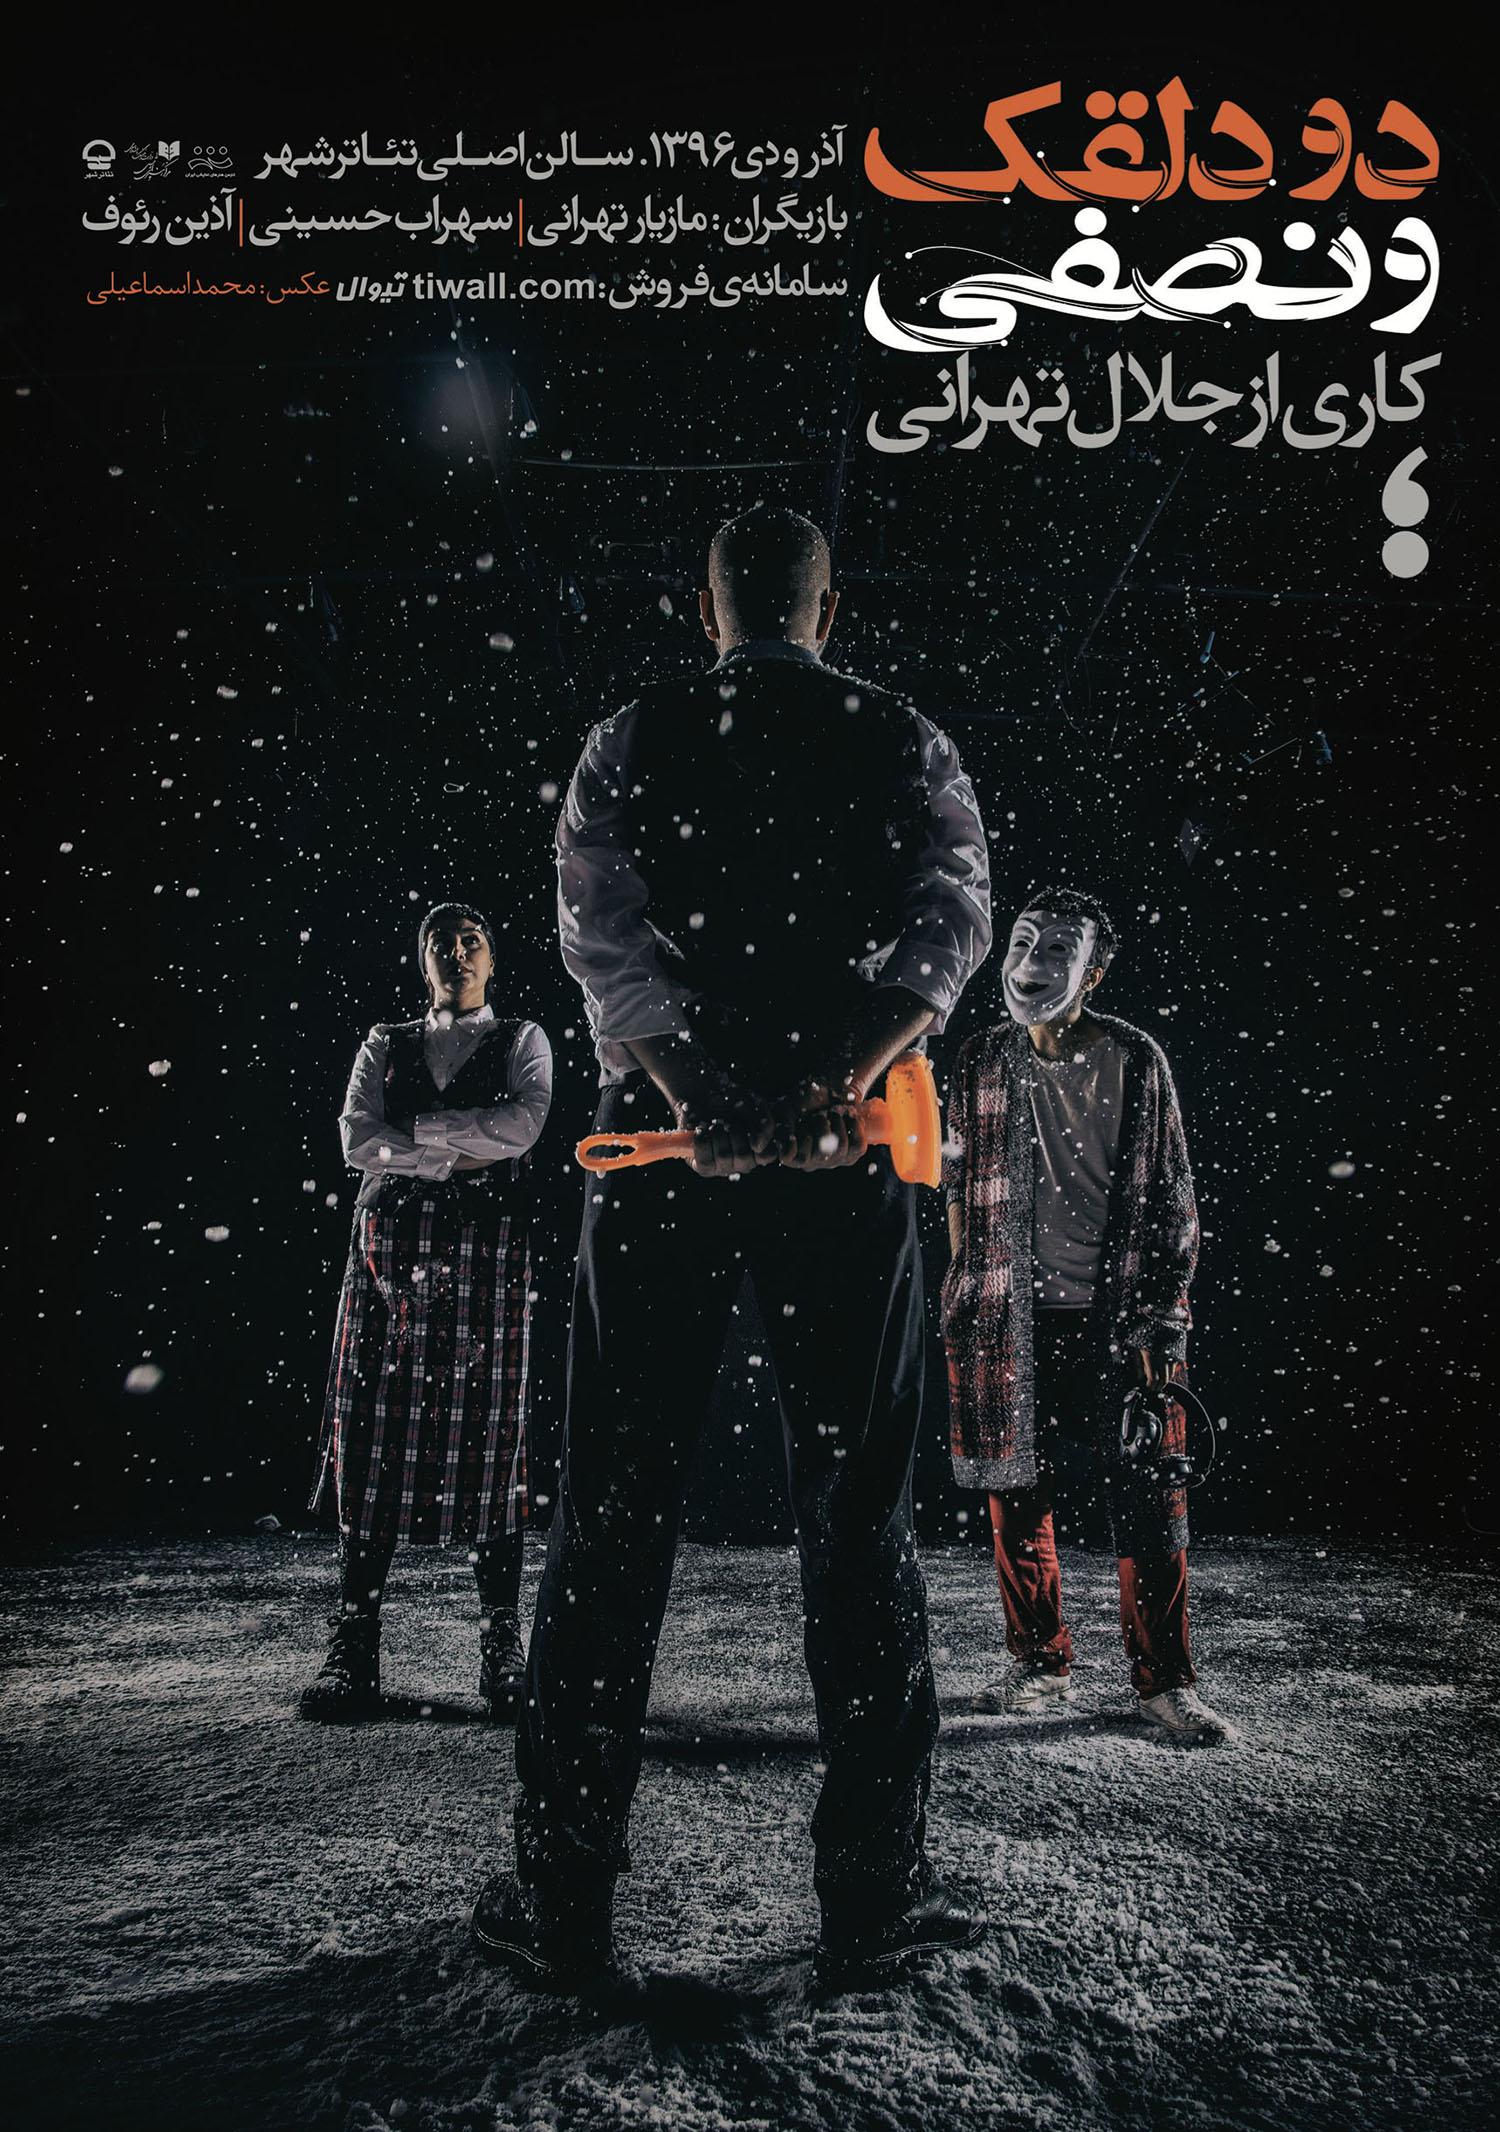 مازیار تهرانی/جلال تهرانی/سهراب حسینی/آذین رئوف/تئاترشهر/تئاتر